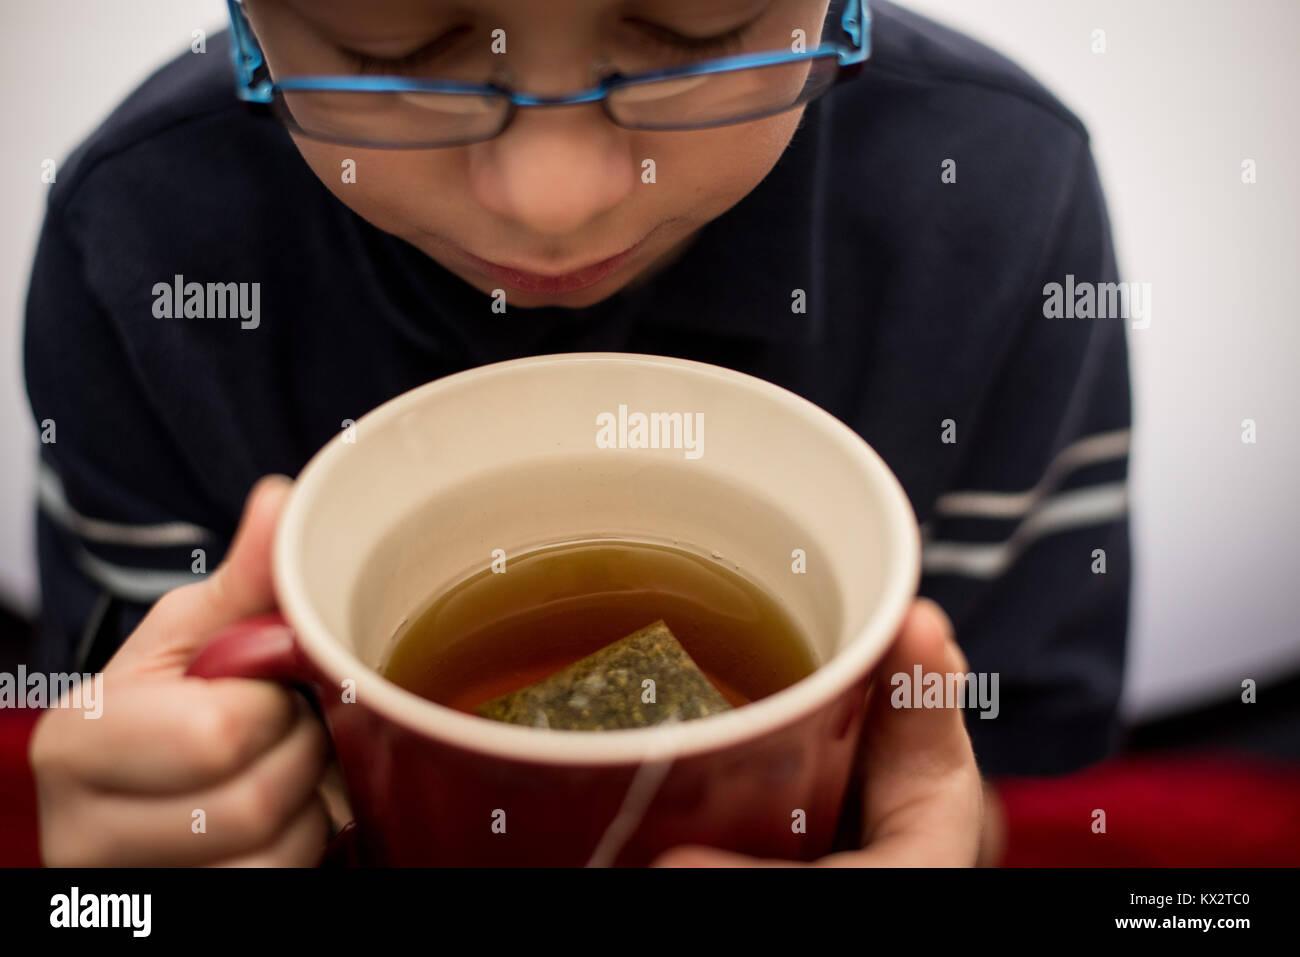 Un jeune garçon boit dans une tasse de thé dans une tasse rouge. Photo Stock